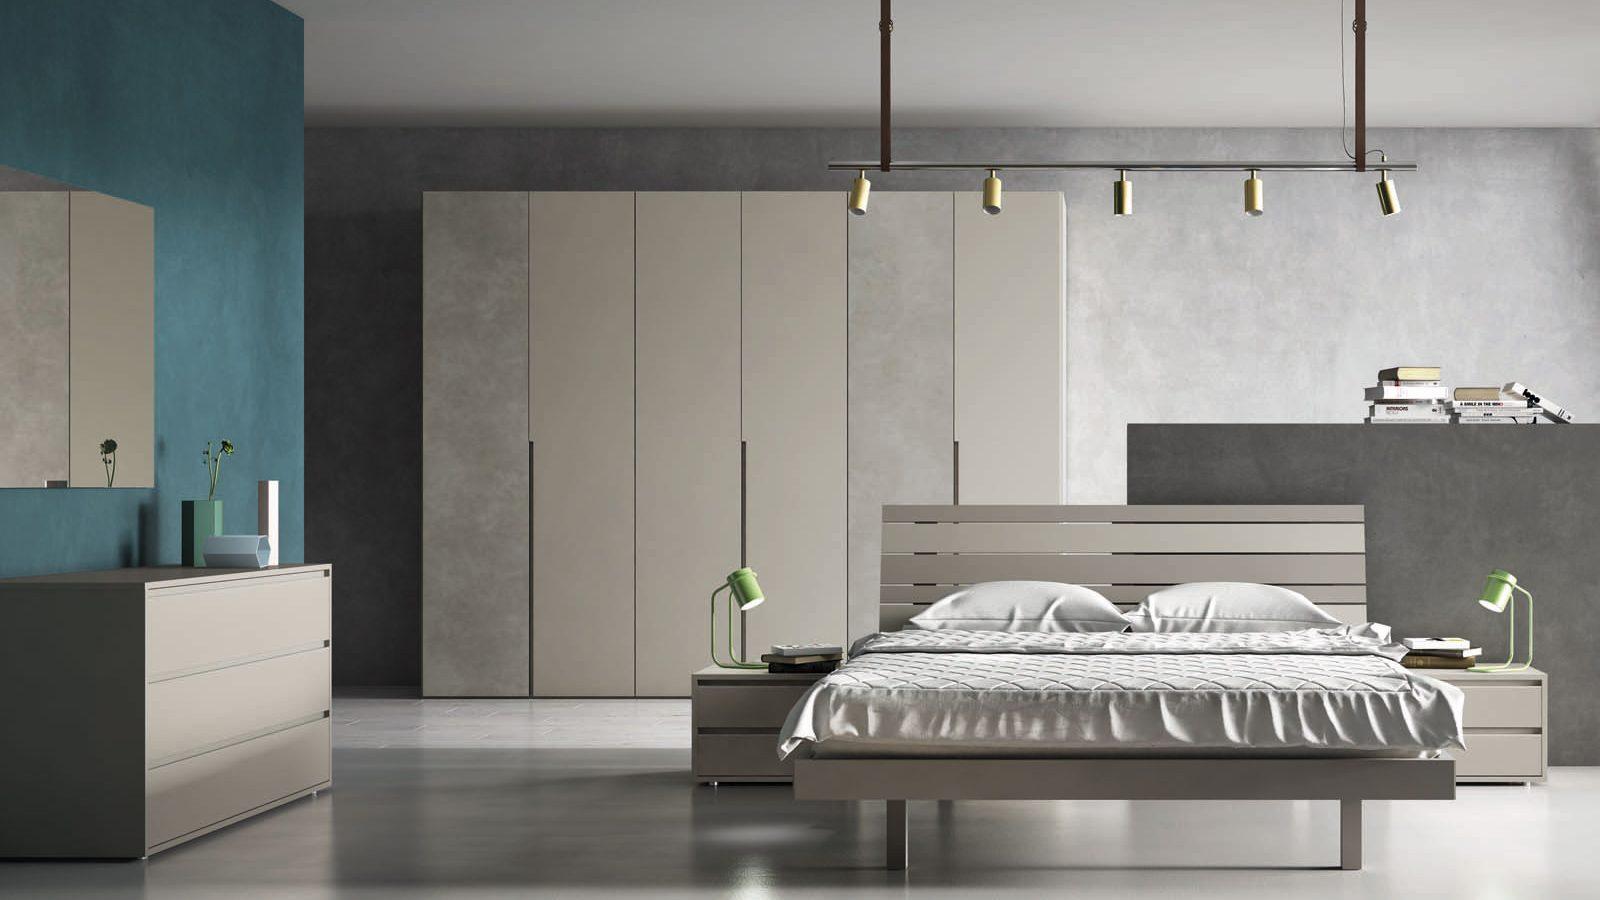 Camera da letto moderno con ante batttenti o scorrevoli for Armadio moderno camera da letto